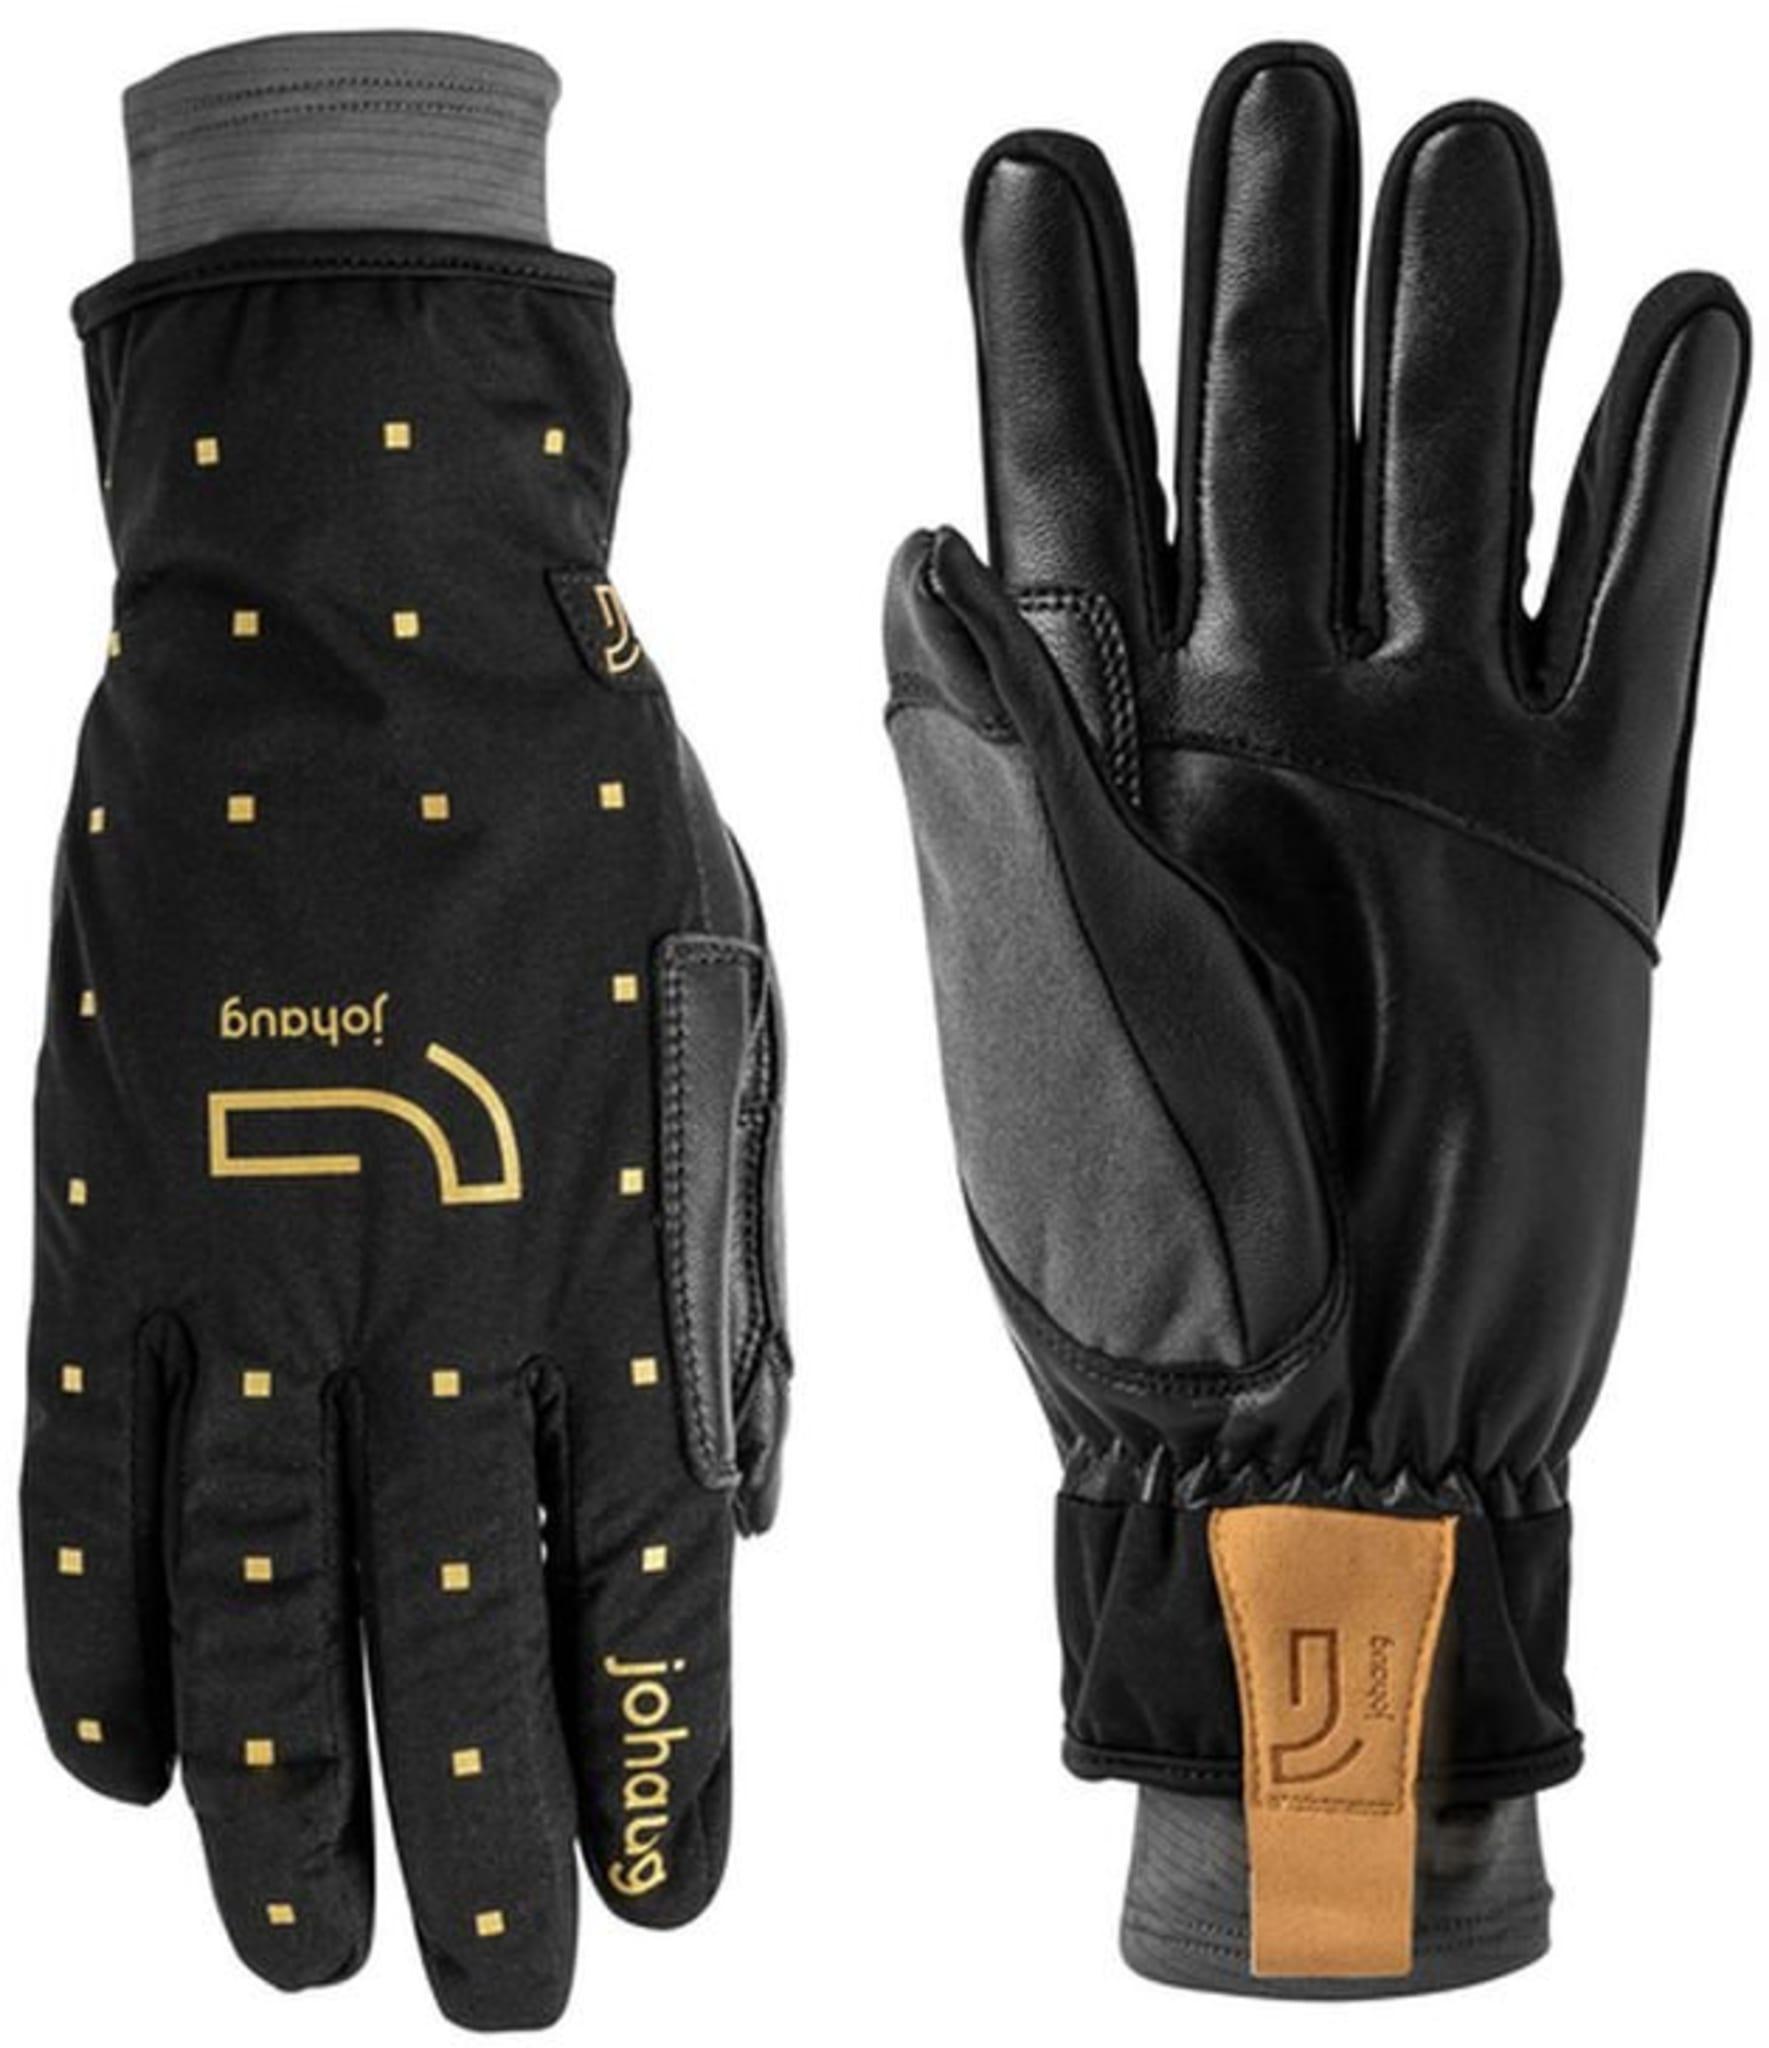 Adapt 2 in 1 Glove